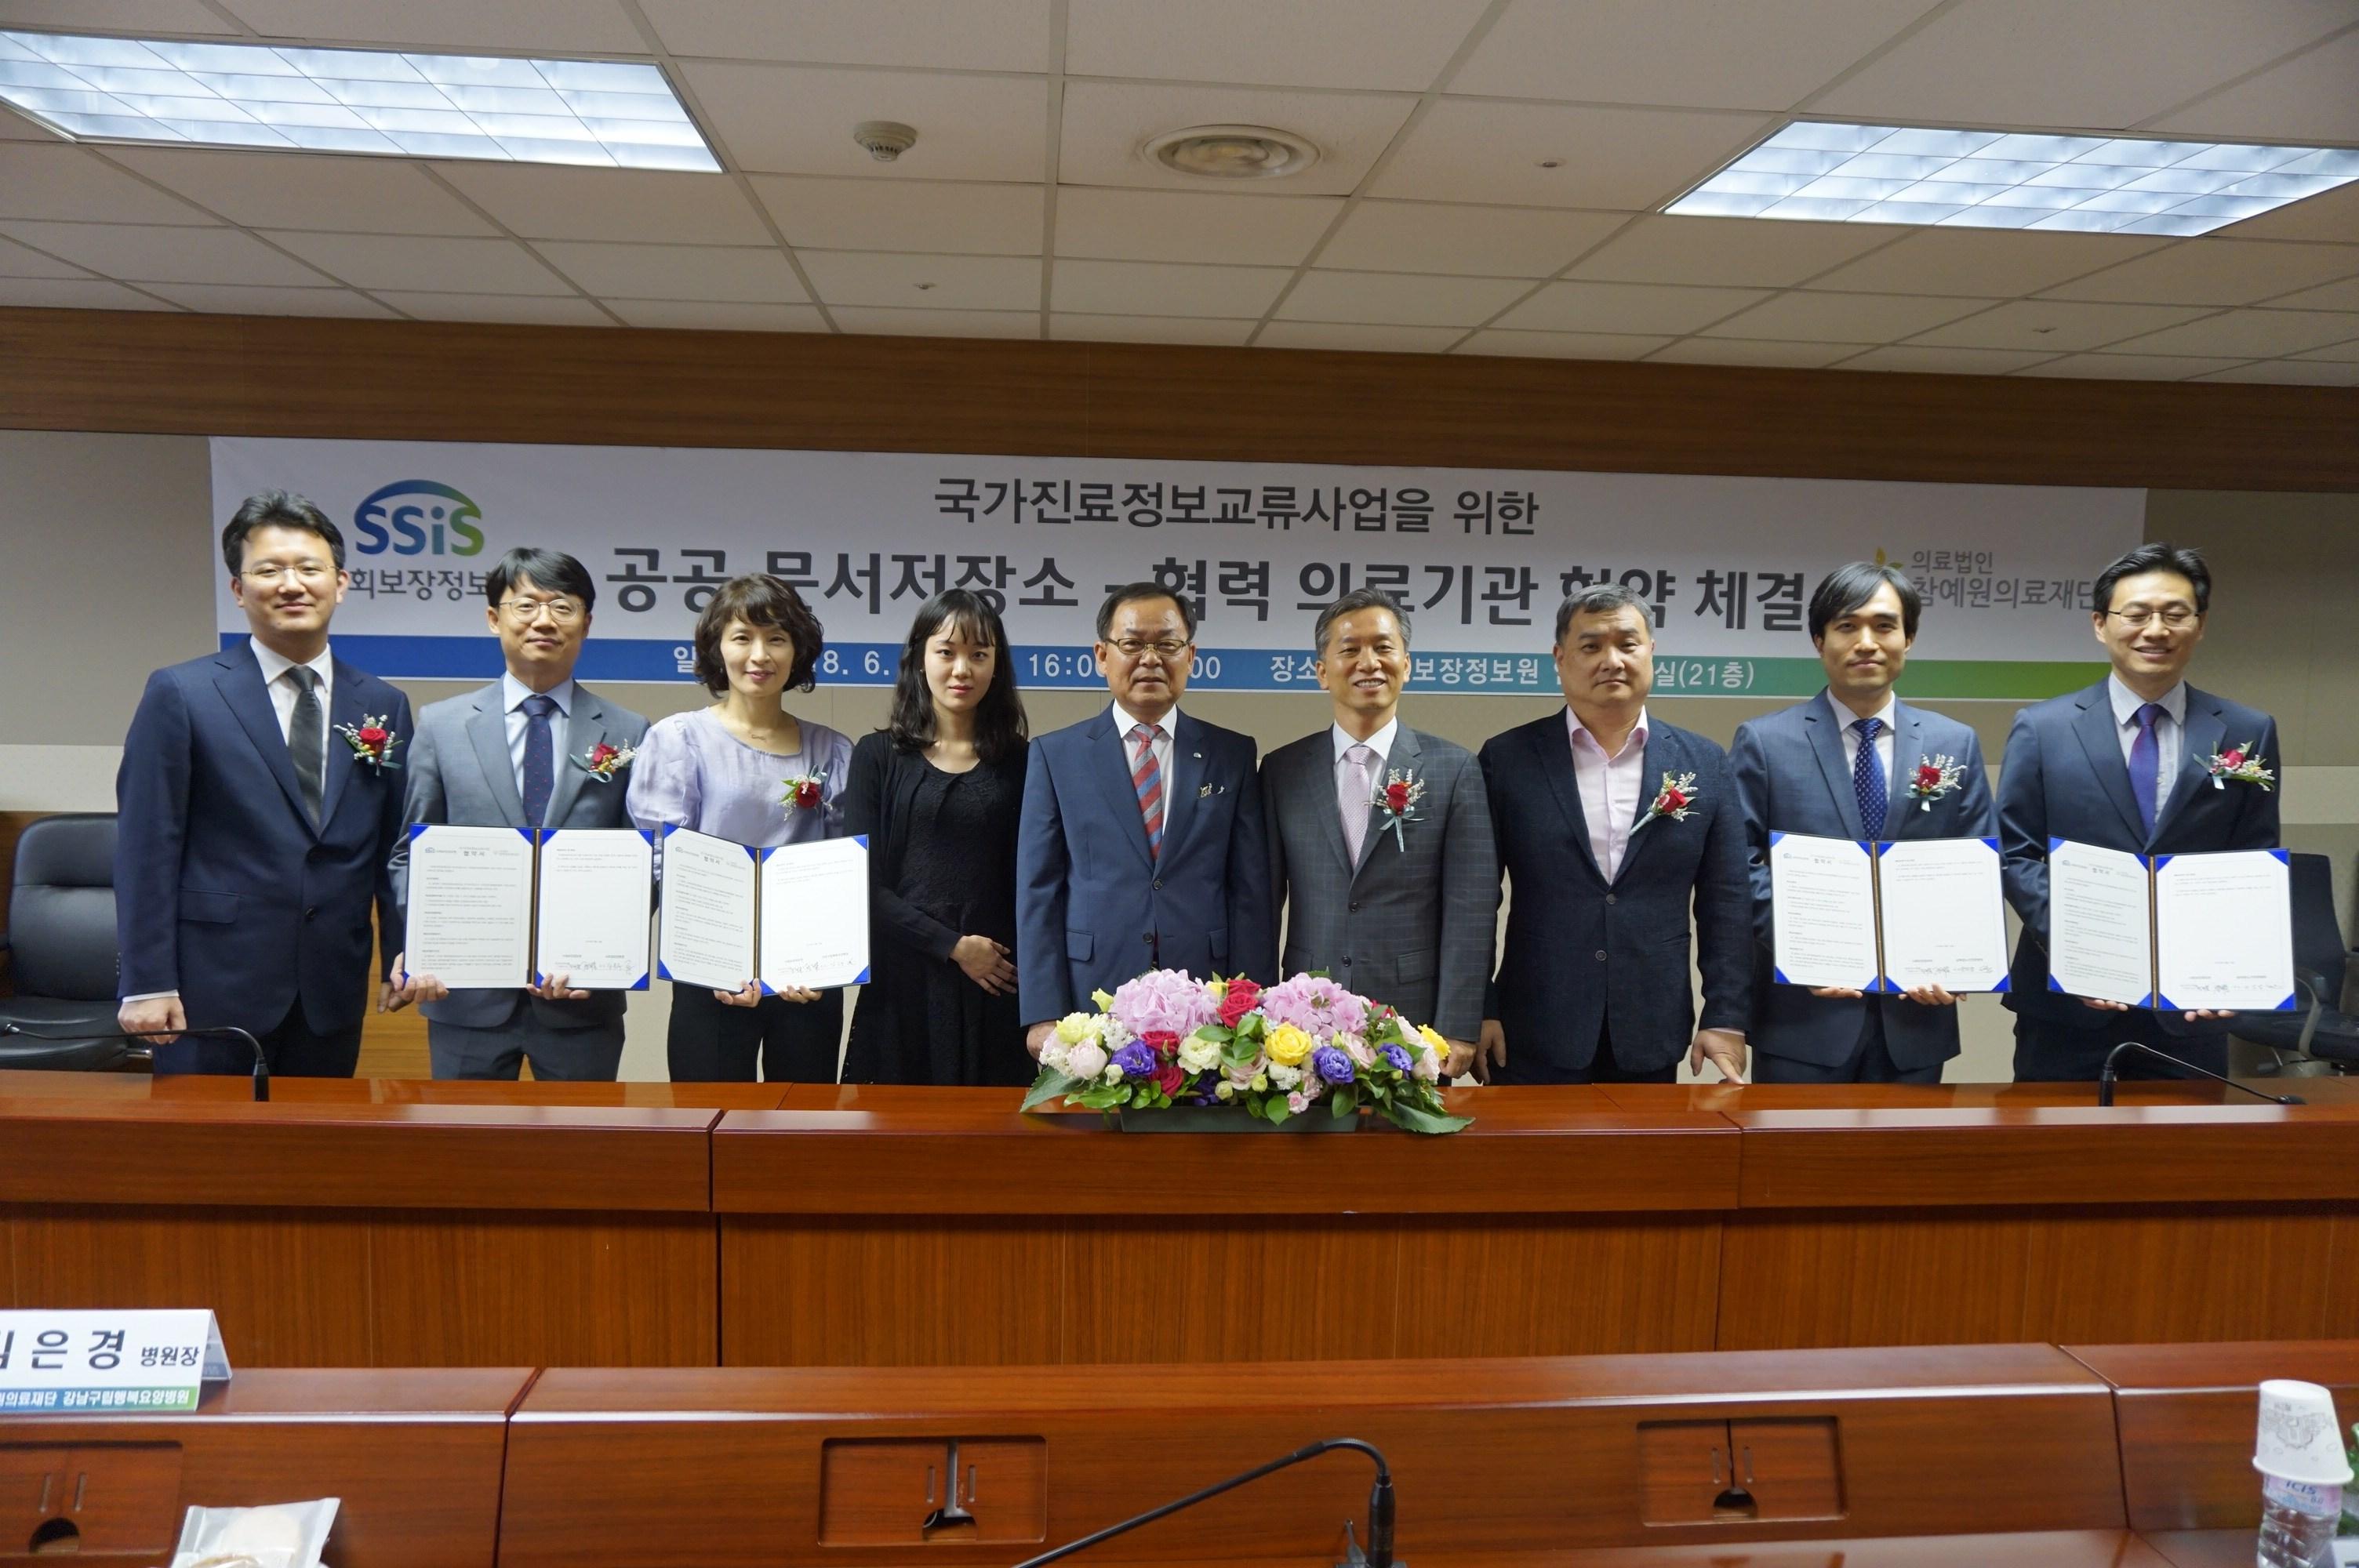 진료정보교류사업 관련 사회보장정보원과 참예원의료재단이 협약을 체결하였습니다.